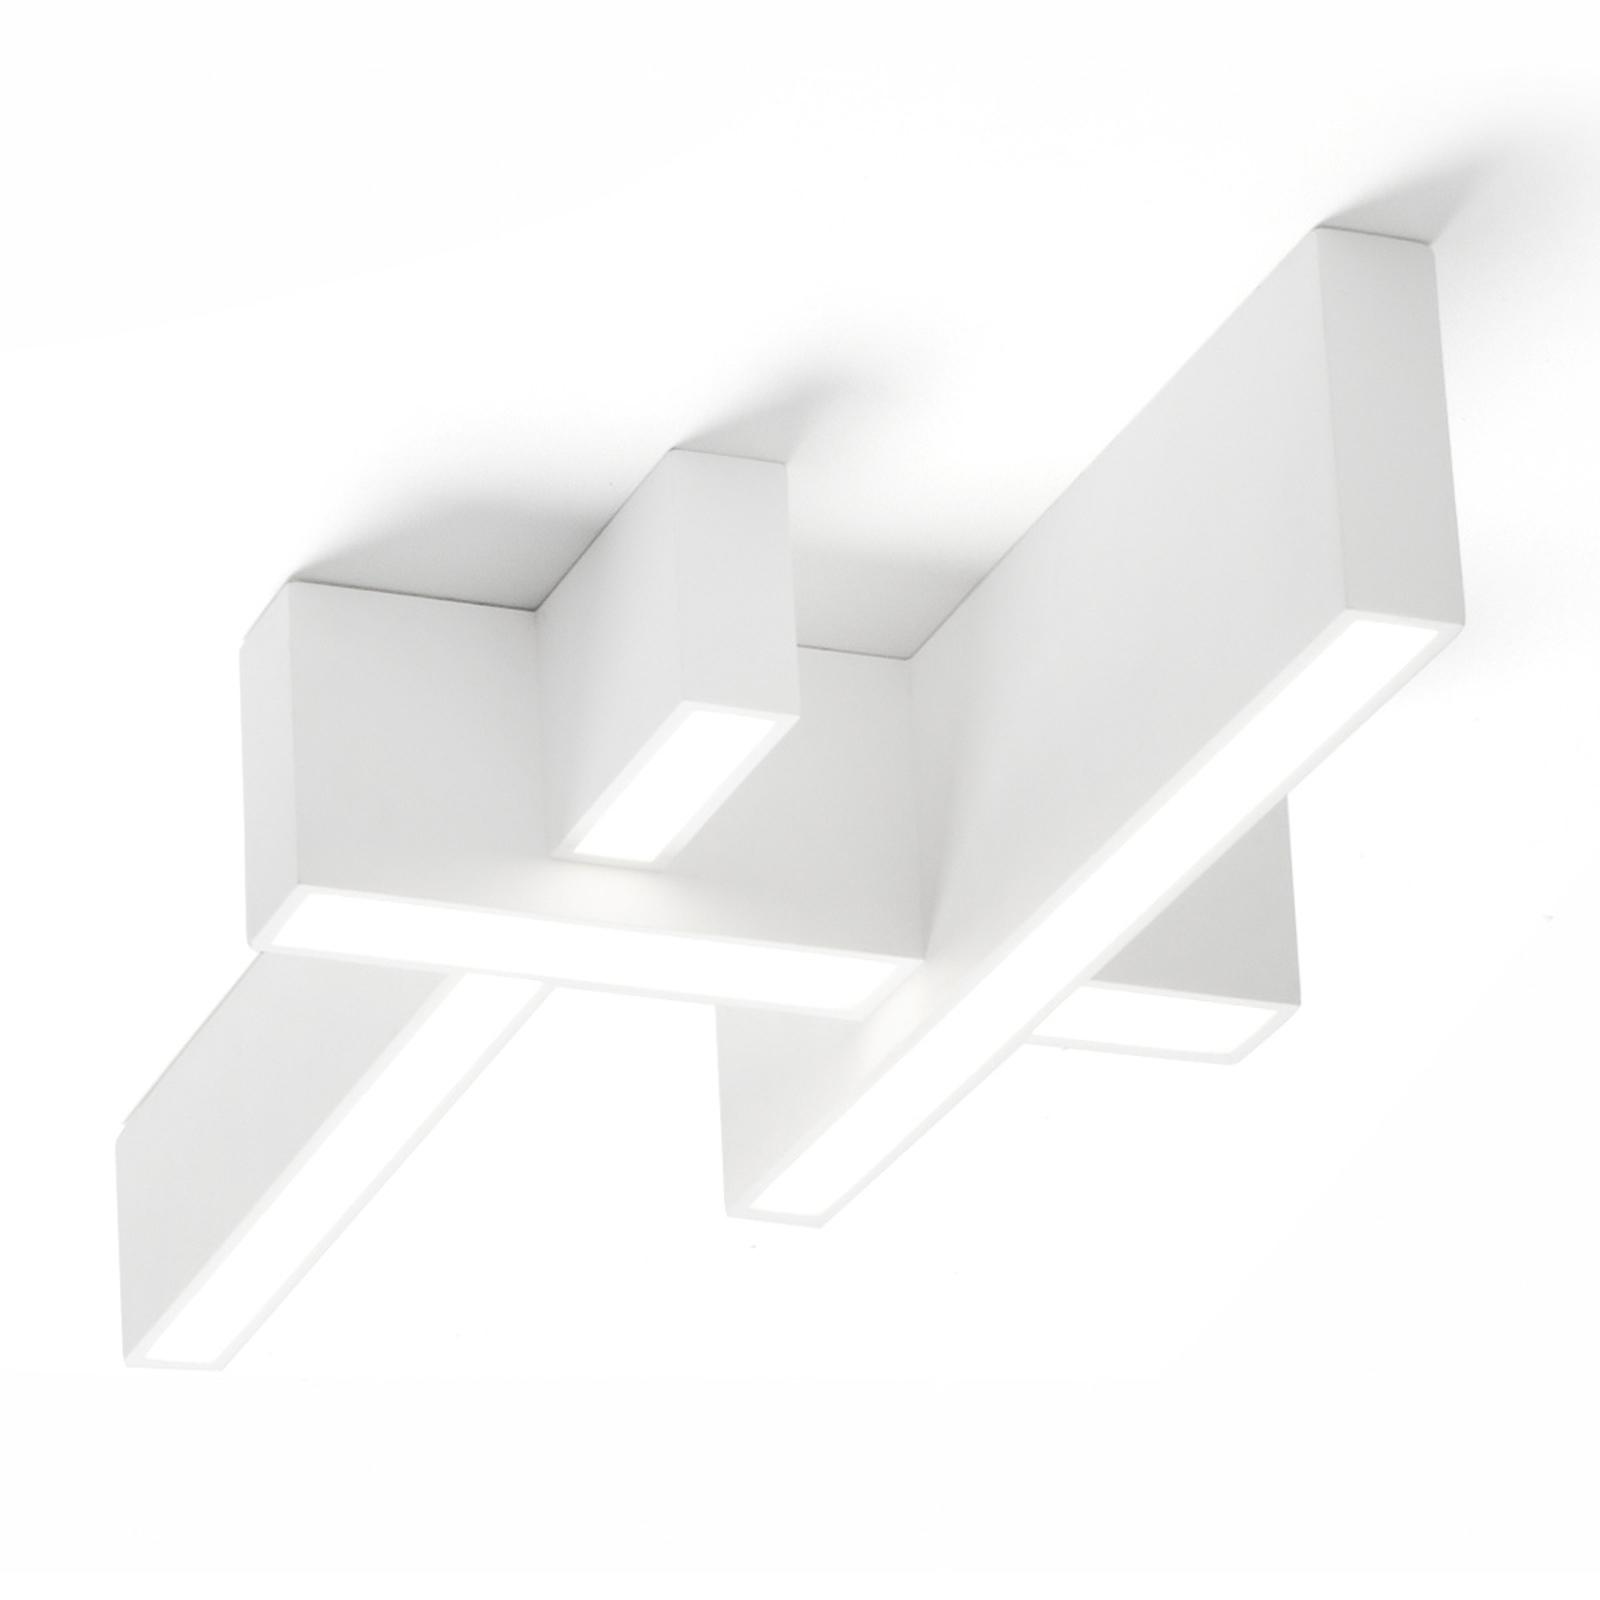 LED-Deckenleuchte Magnesia T275 mit 3 Balken